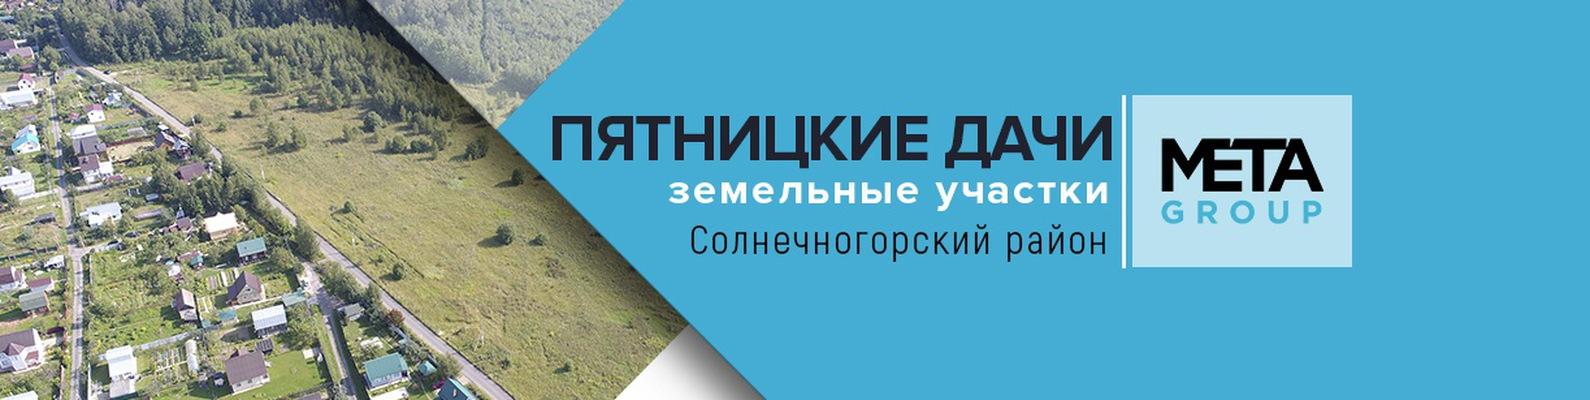 Земельные участки в юрмале самое чистое море в болгарии